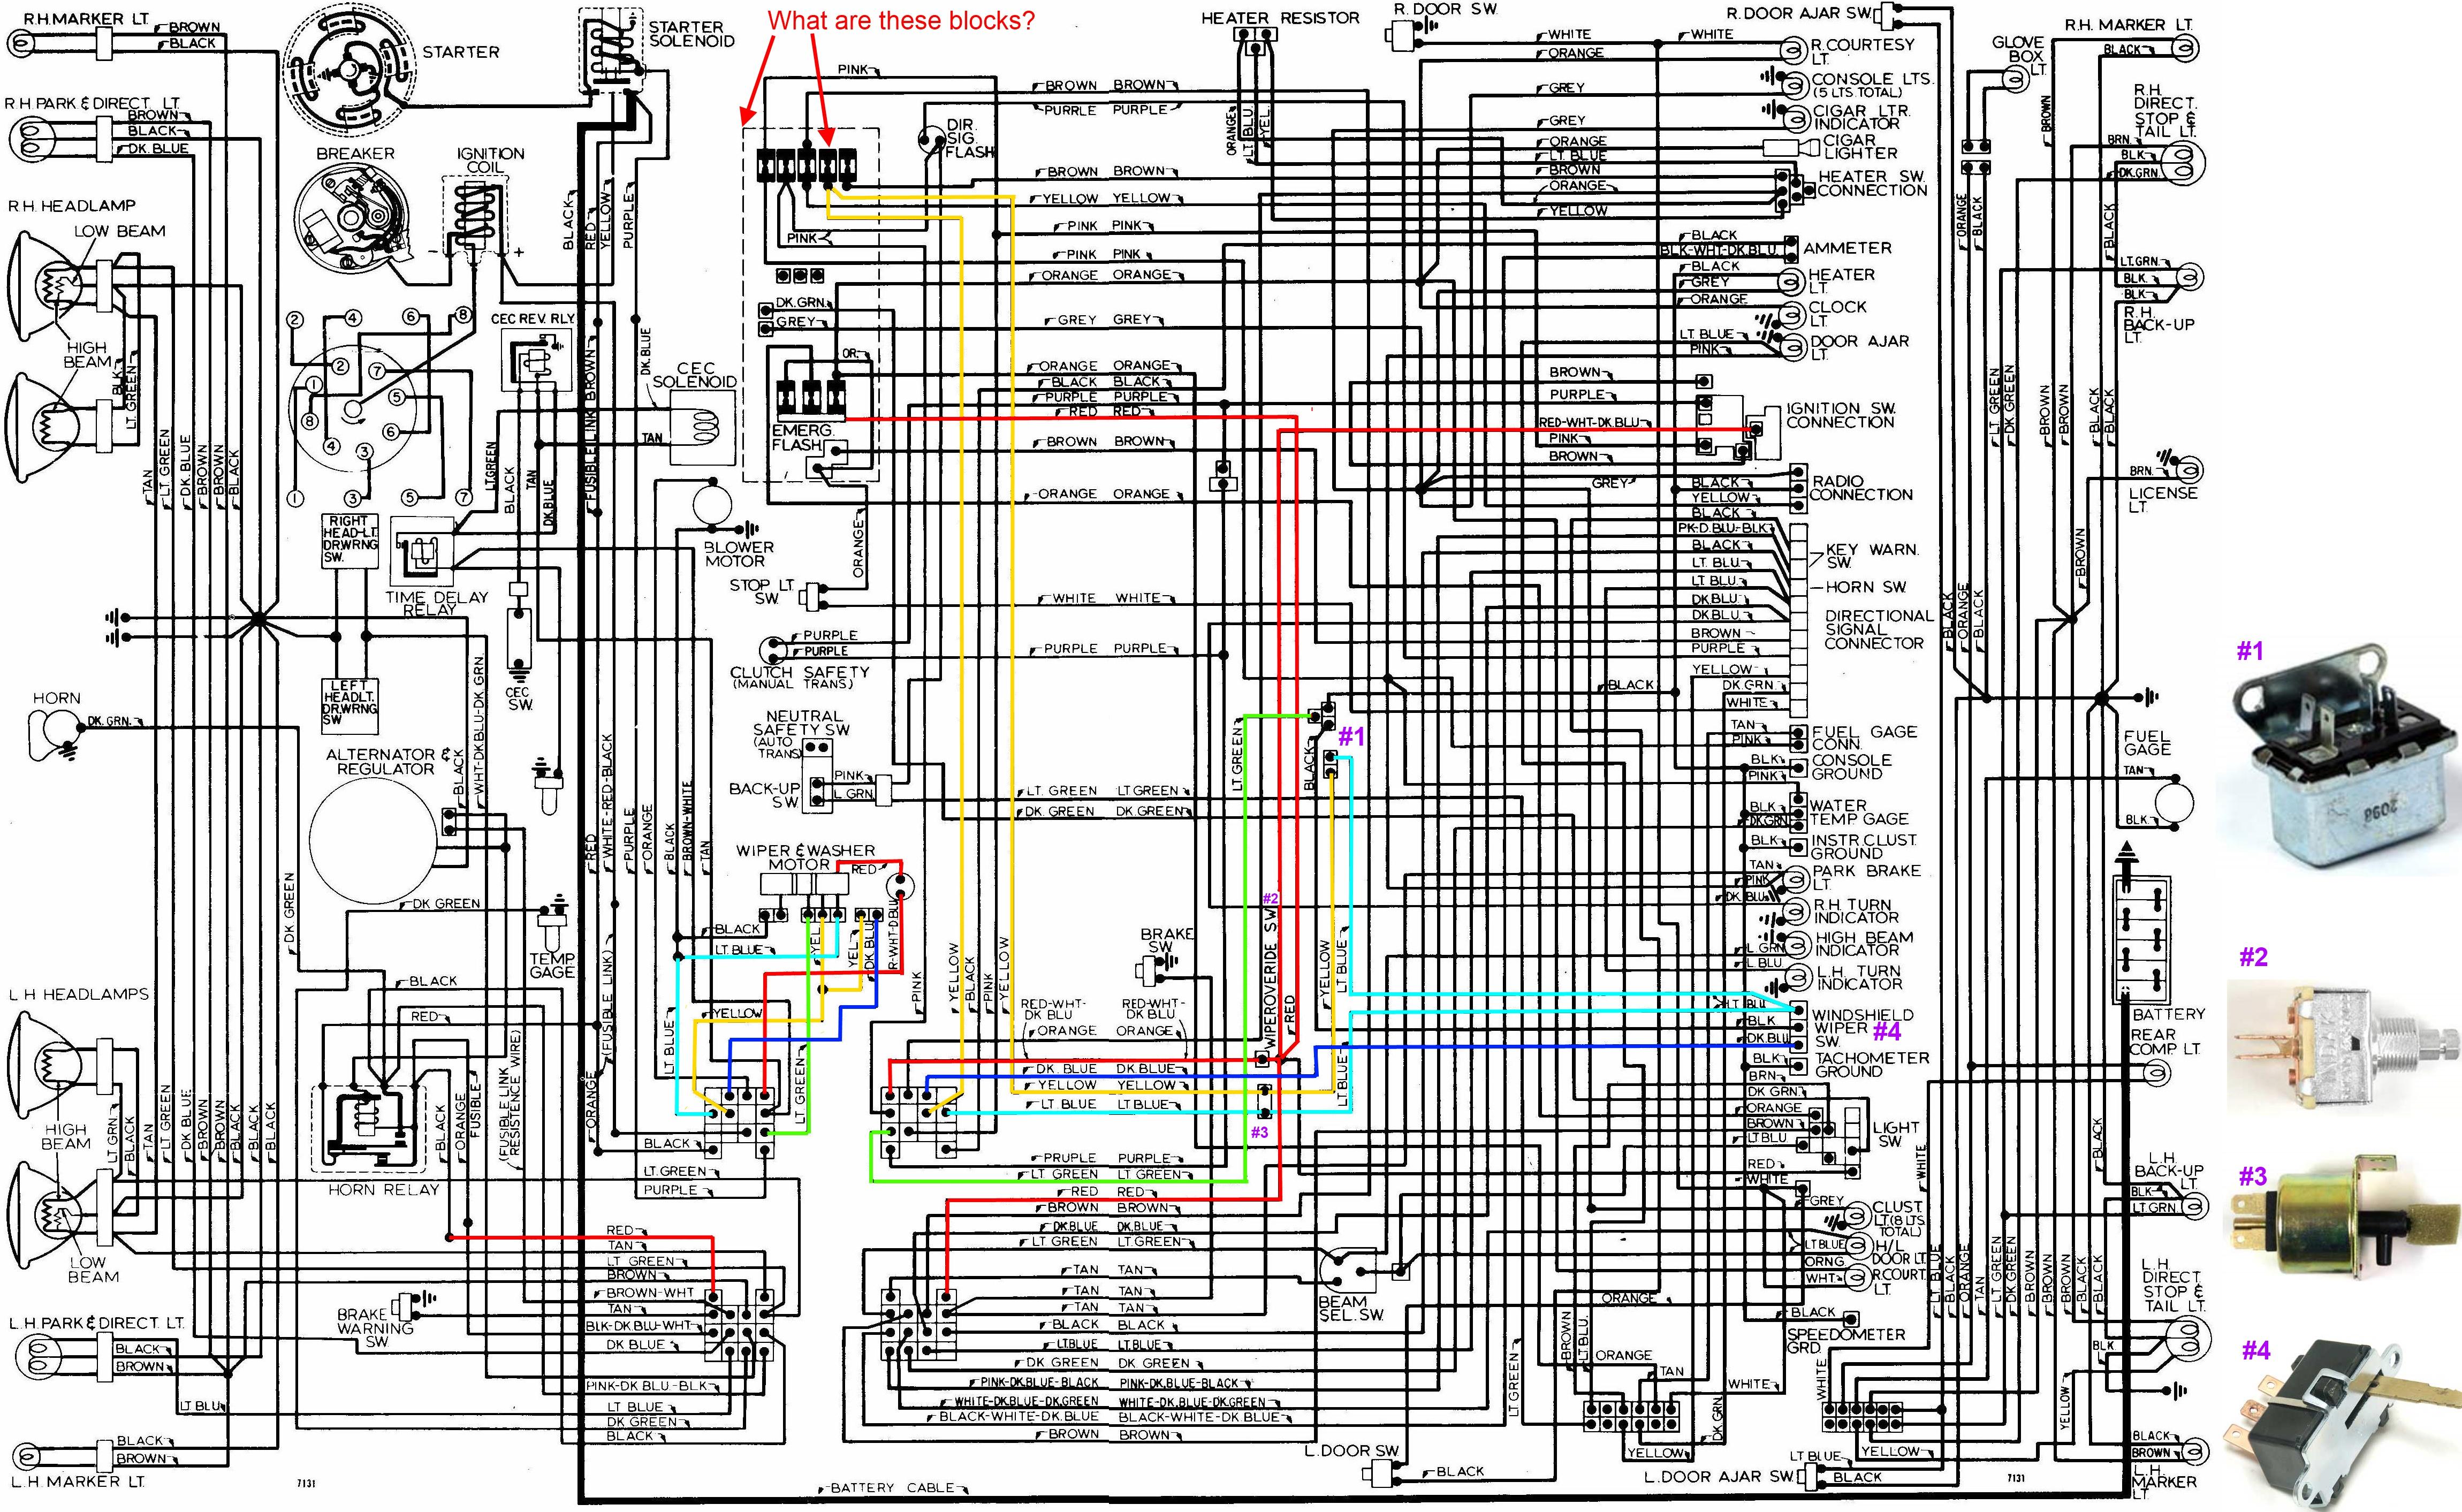 1972 C3 Wiring Diagram | Wiring Diagram  Corvette Starter Wiring Diagram on 71 corvette cooling system, 71 corvette air cleaner, vacuum wiper hose diagram, 1986 corvette engine diagram, 69 corvette wiper motor relay diagram, 71 corvette engine, 1968 corvette fuse box diagram, 71 corvette light circuit, 71 corvette wiper motor, 71 corvette vacuum diagram, 1971 corvette schematic circuit diagram, 1969 corvette vacuum diagram, 71 corvette rear suspension,